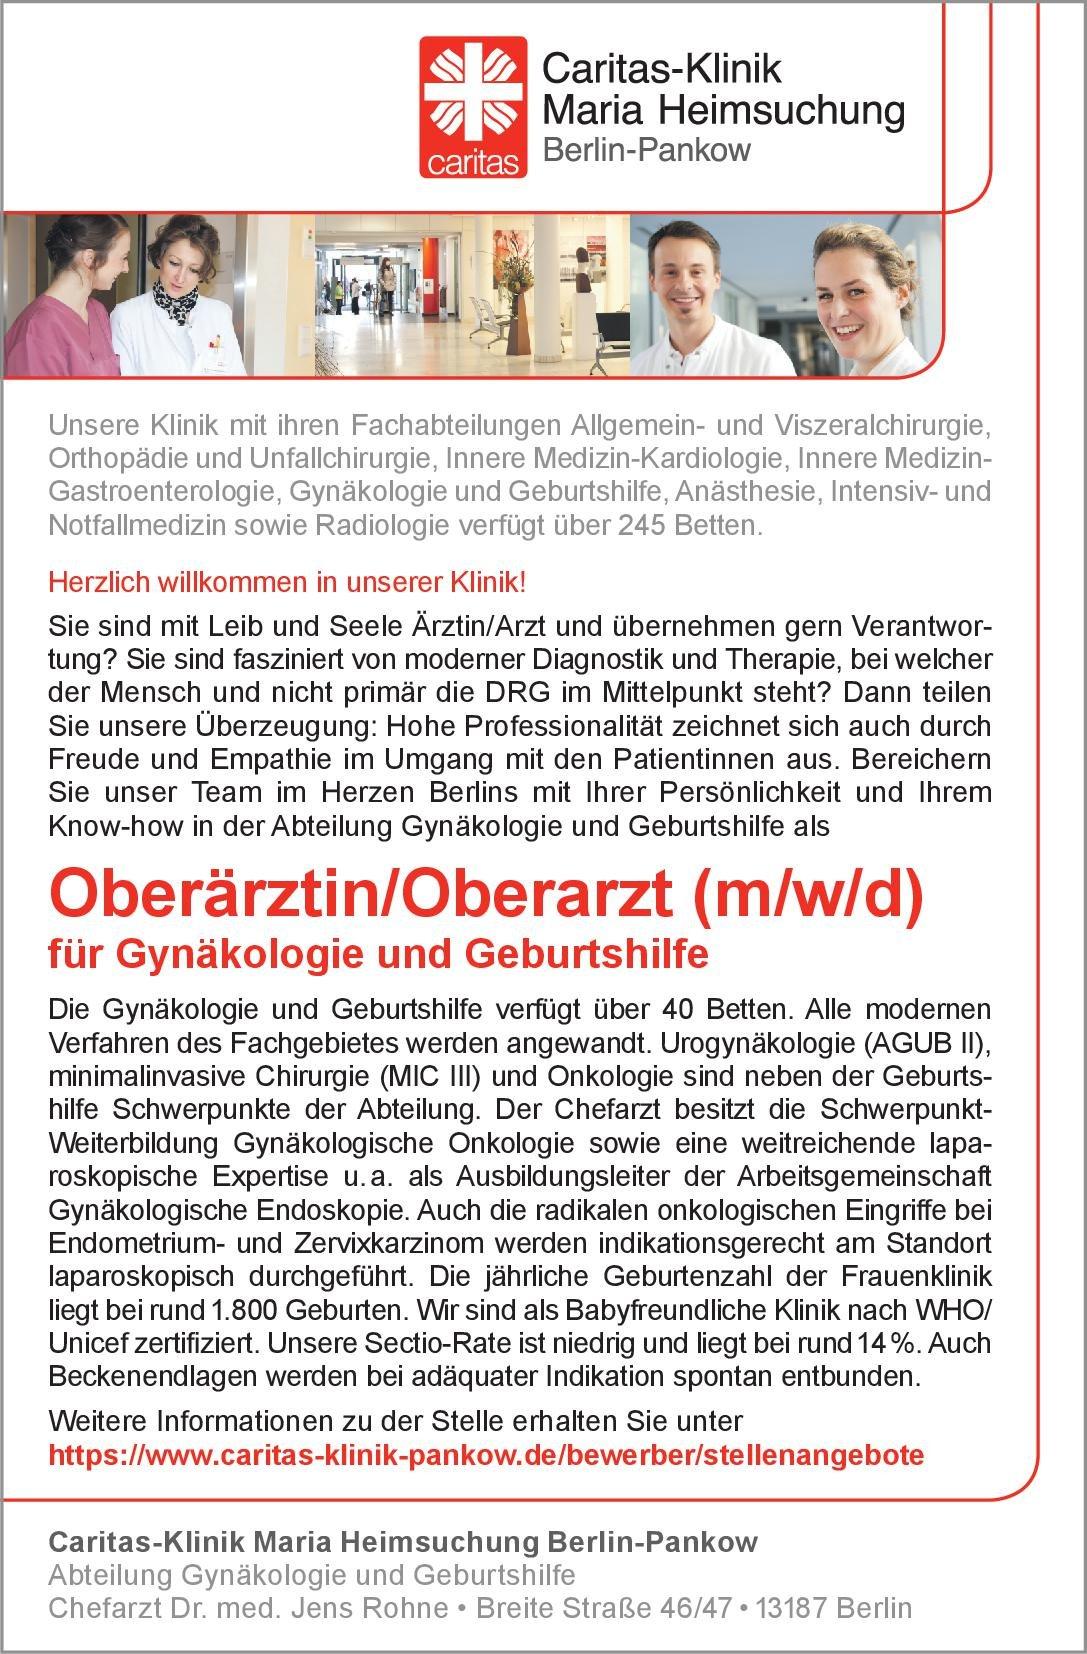 Caritas-Klinik Maria Heimsuchung Berlin-Pankow Oberärztin/Oberarzt (m/w/d) für Gynäkologie und Geburtshilfe  Frauenheilkunde und Geburtshilfe, Frauenheilkunde und Geburtshilfe Oberarzt